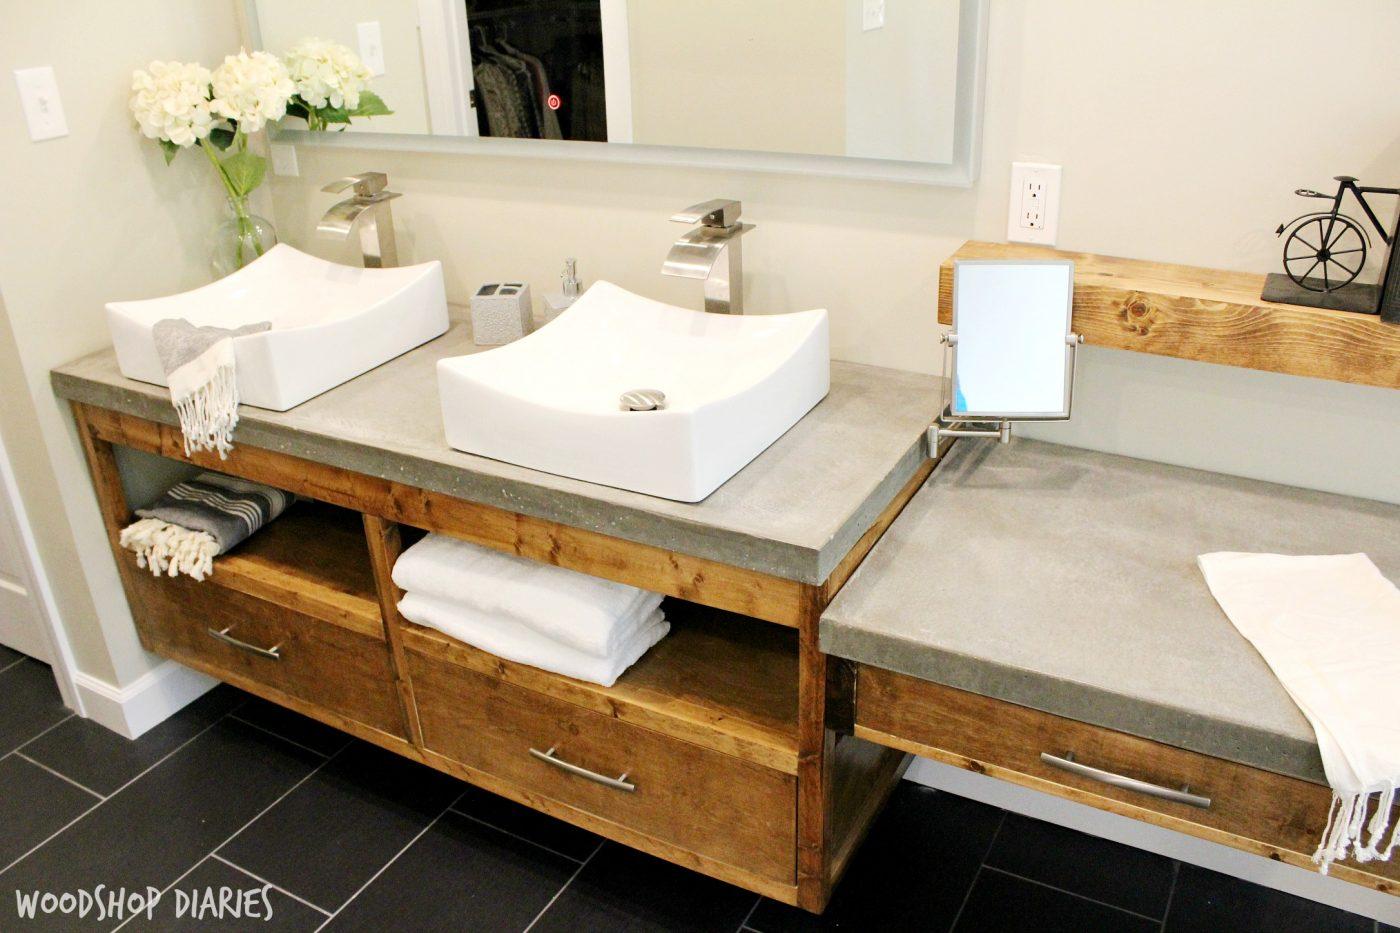 Woodshop Diaries Floating Bathroom Vanity